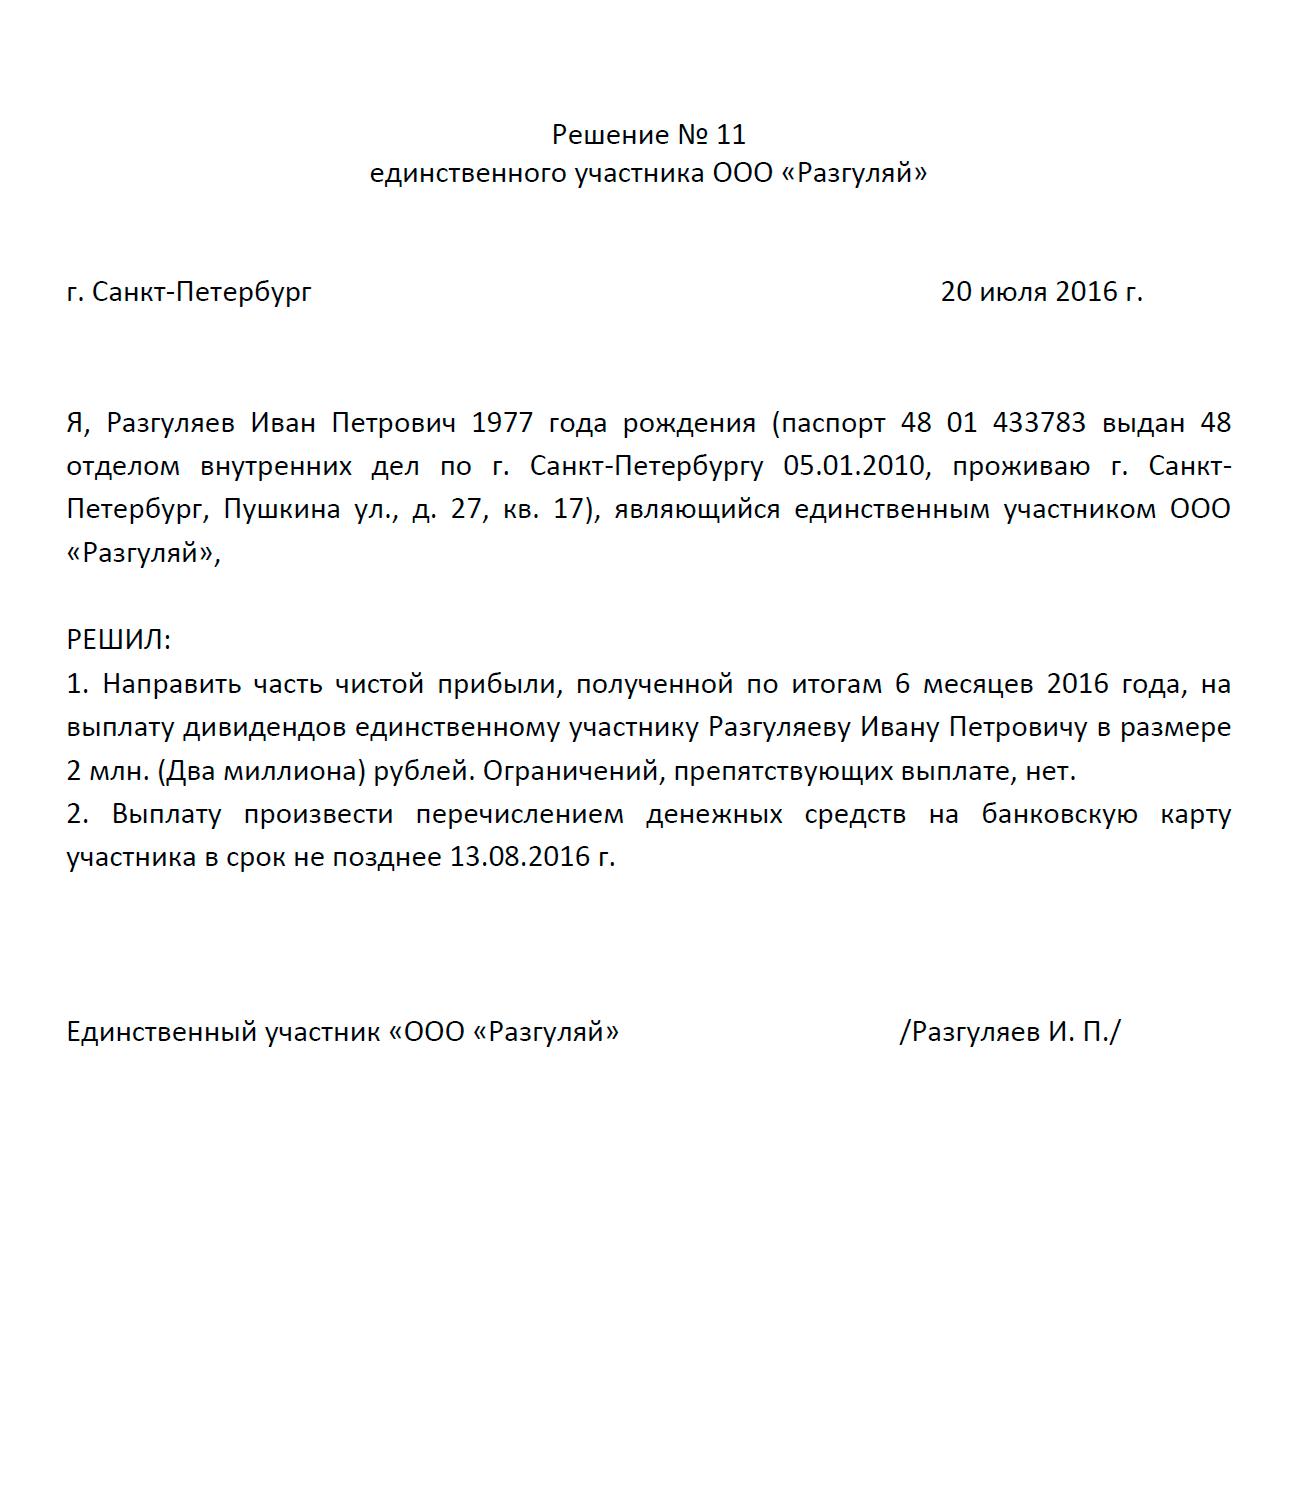 Регистрация ооо с единственным учредителем 2019 документы и сведения необходимые для регистрации ип